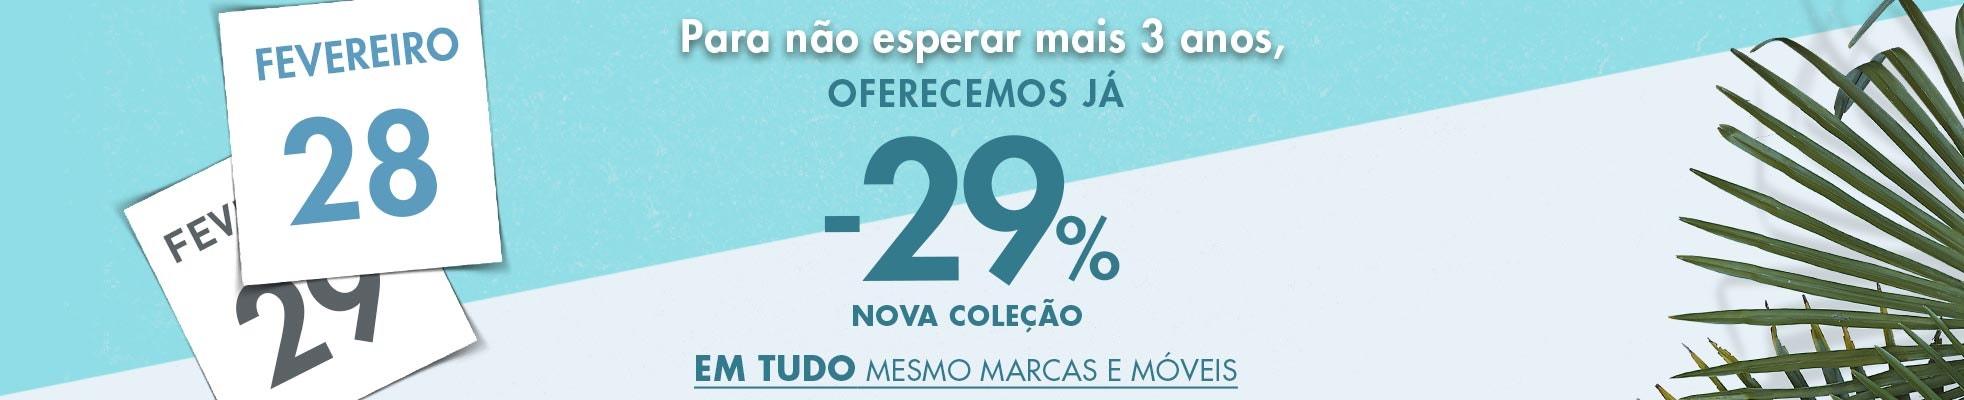 Oferecemos já 29%* de desconto em tudo